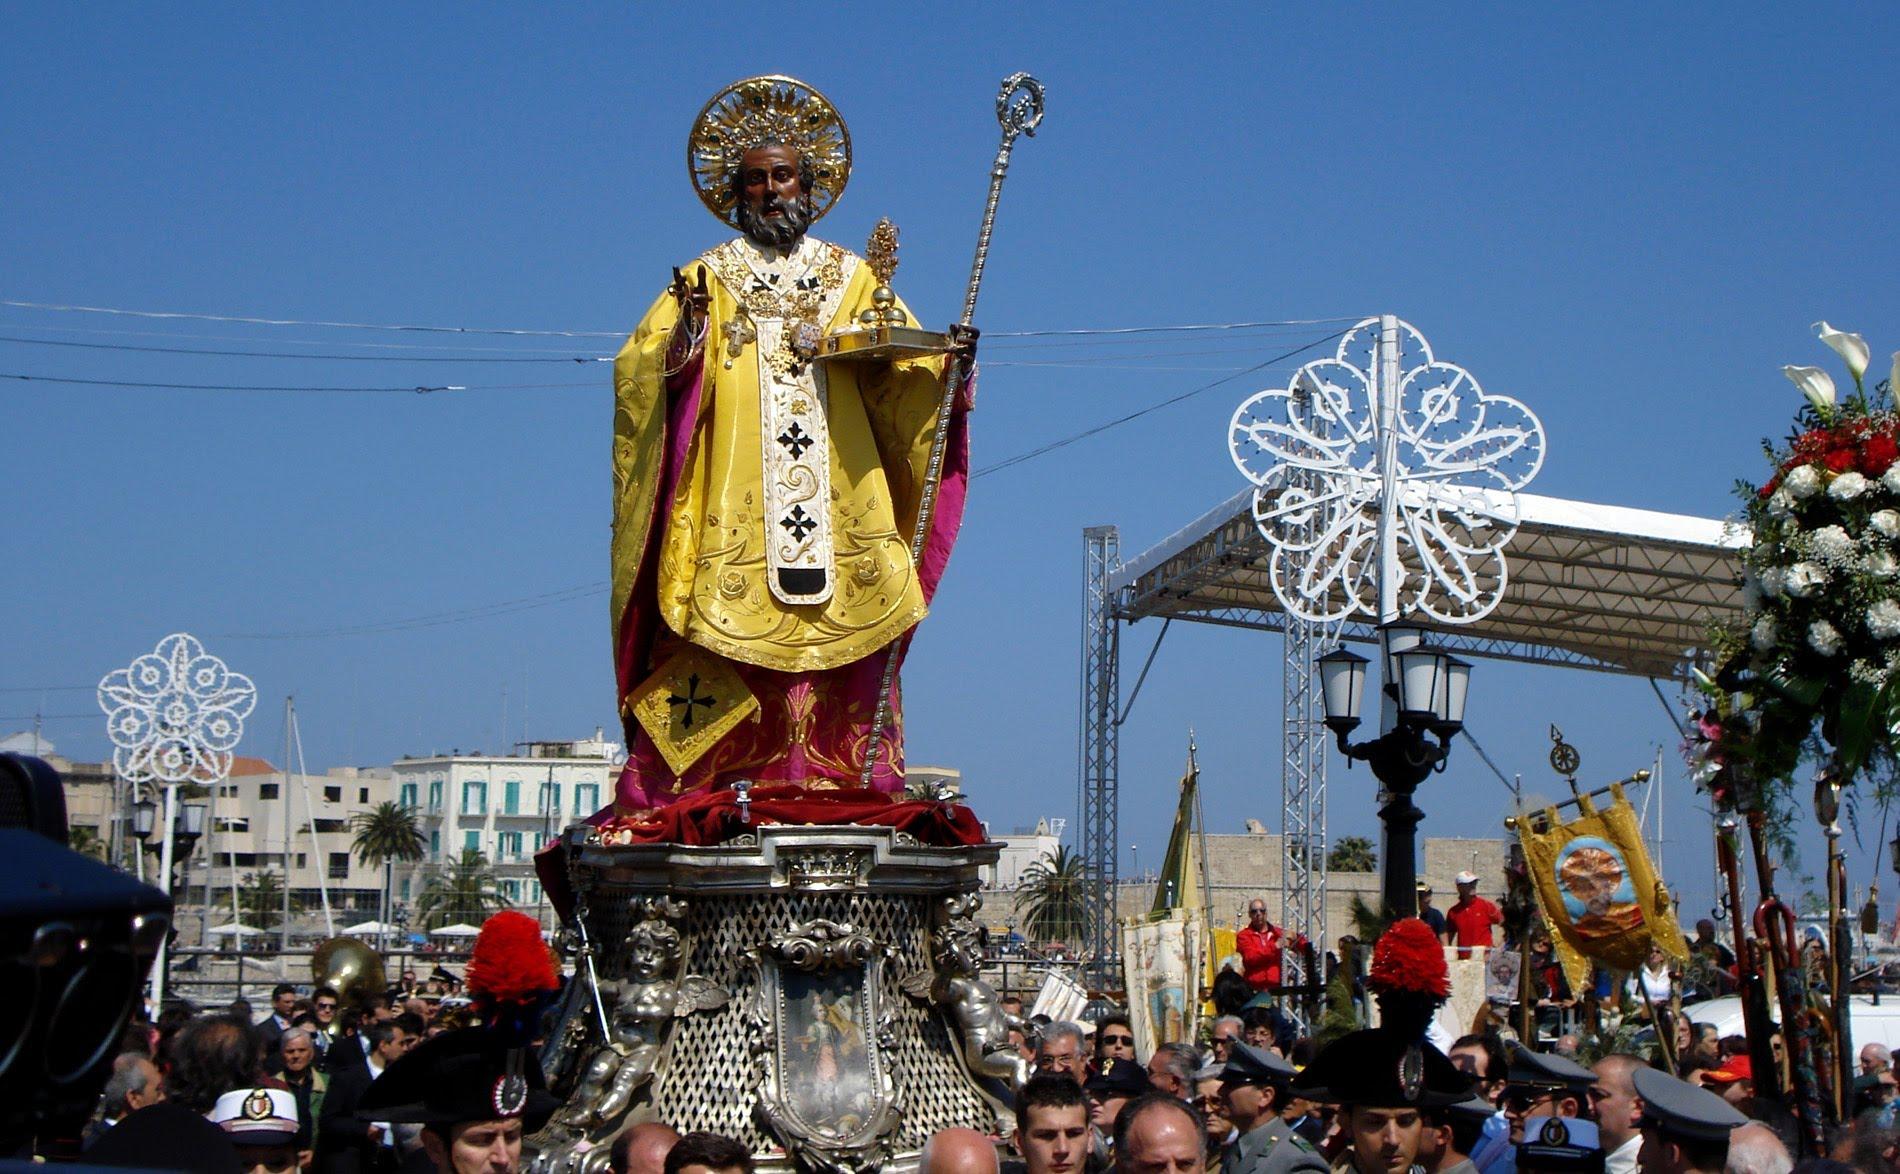 San Nicola Calendario.Celebrazioni Festa Di San Nicola Ecco Il Calendario Degli